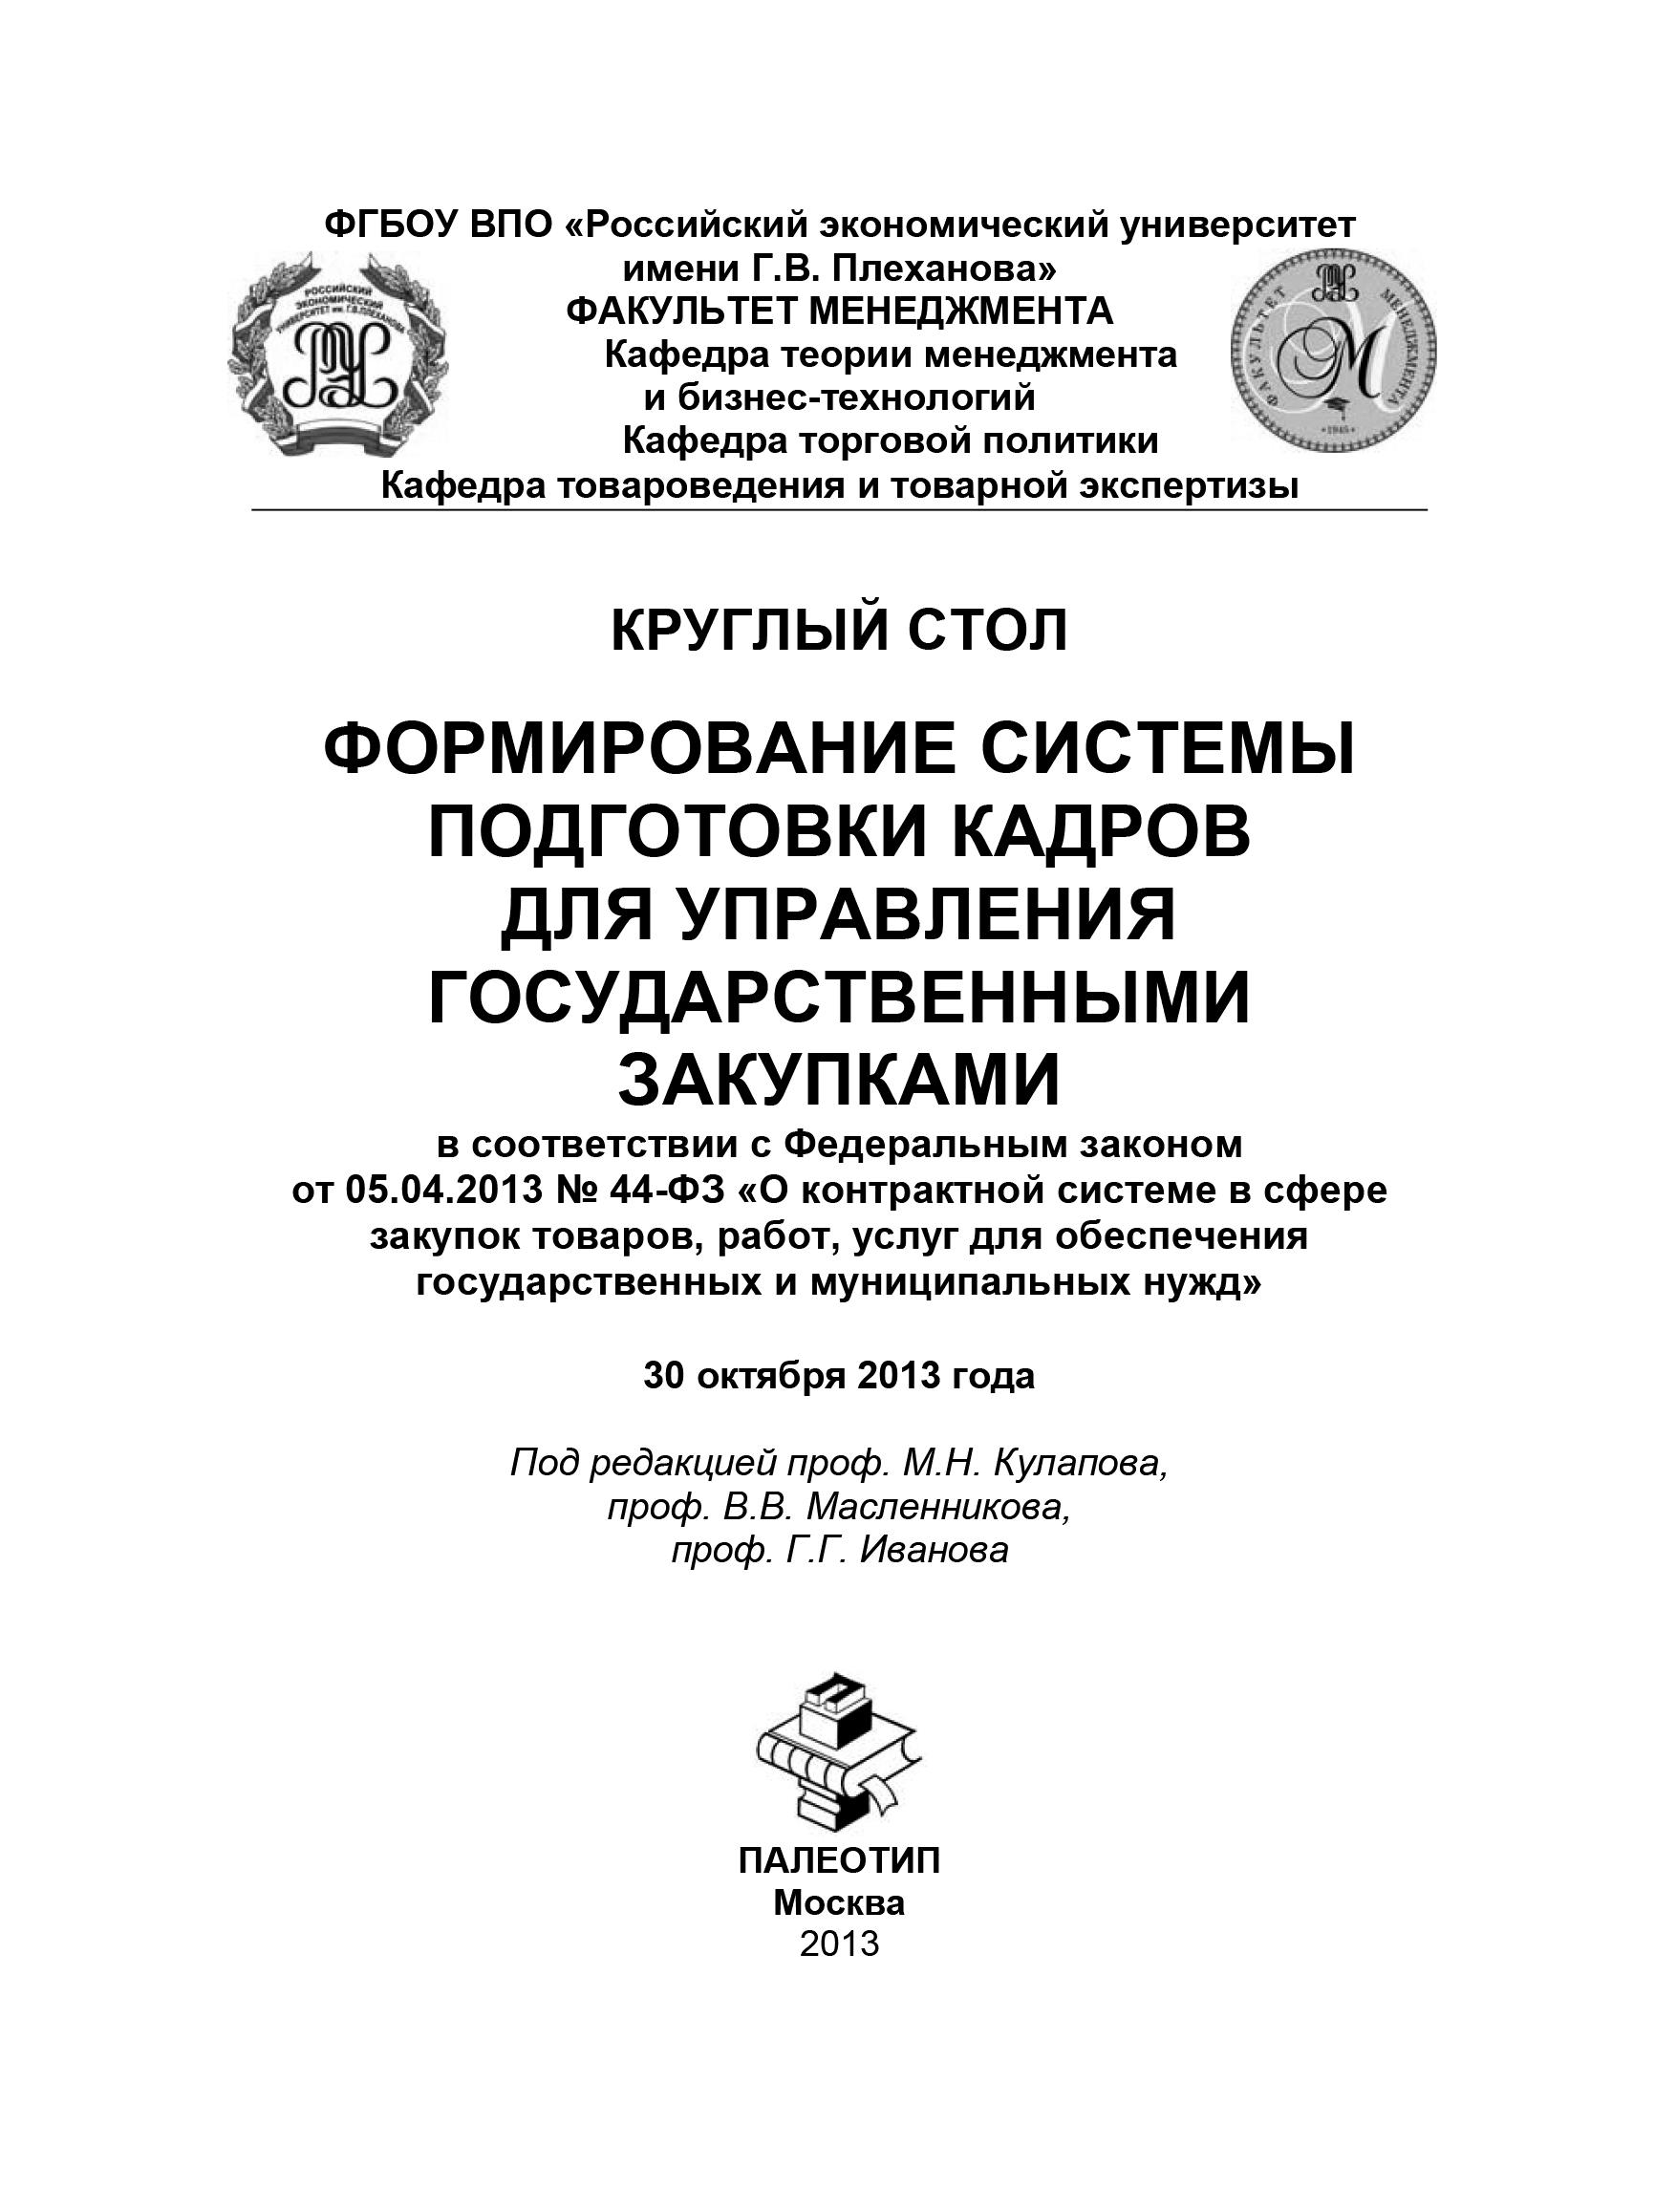 Круглый стол «Формирование системы подготовки кадров для управления государственными закупками»